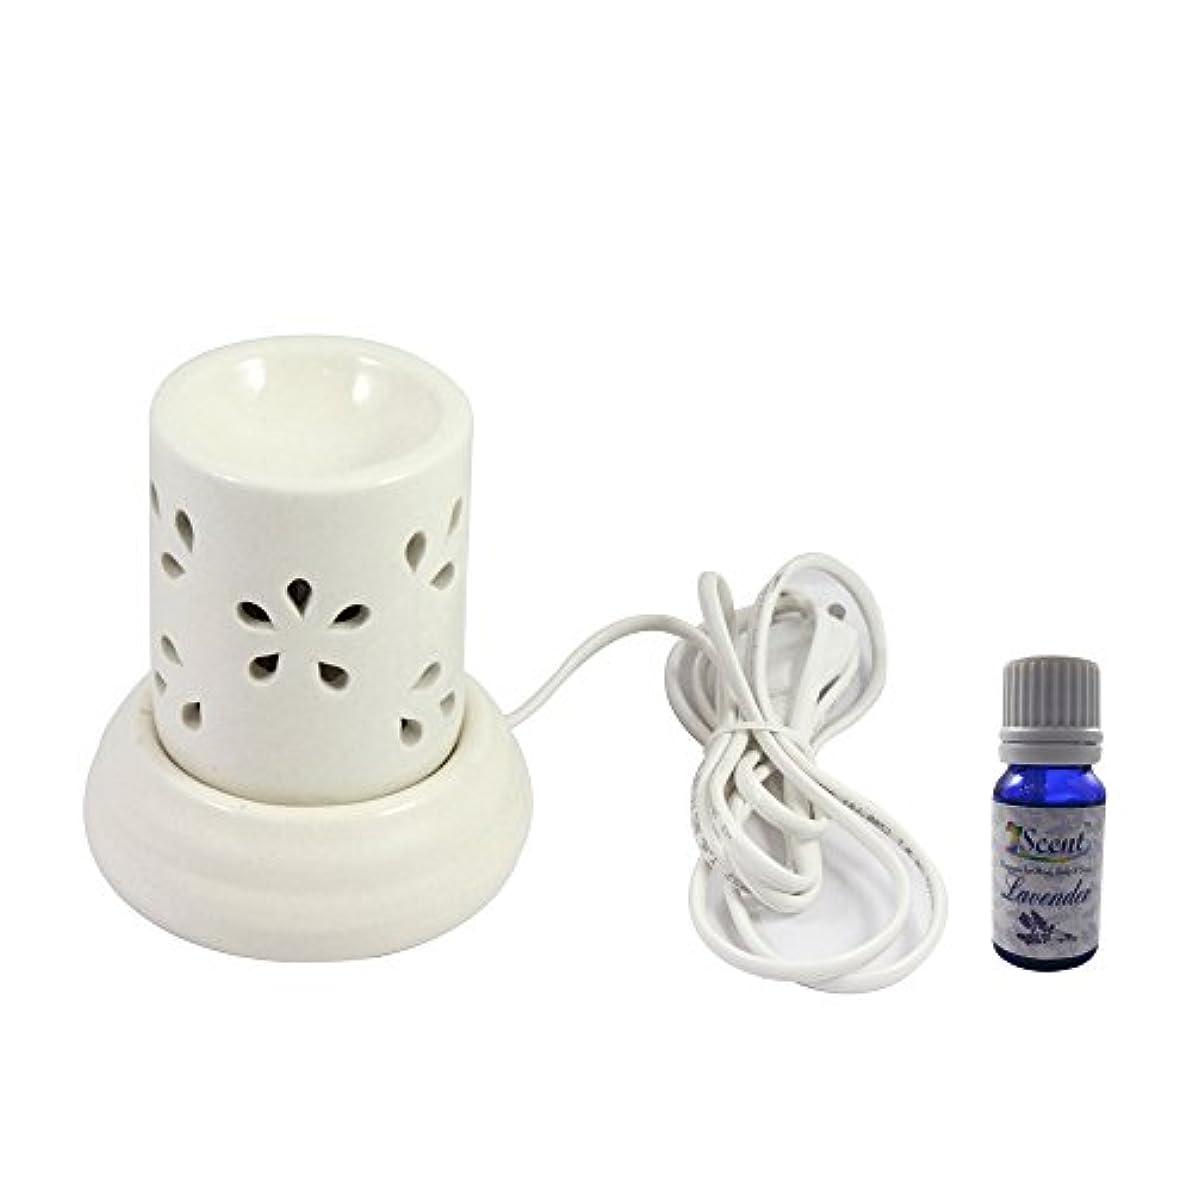 然とした我慢する息を切らして家の装飾定期的な使用法汚染フリーハンドメイドセラミックエスニックサンダルウッドフレグランスオイルとアロマディフューザーオイルバーナー良質ホワイトカラー電気アロマテラピー香油暖かい数量1